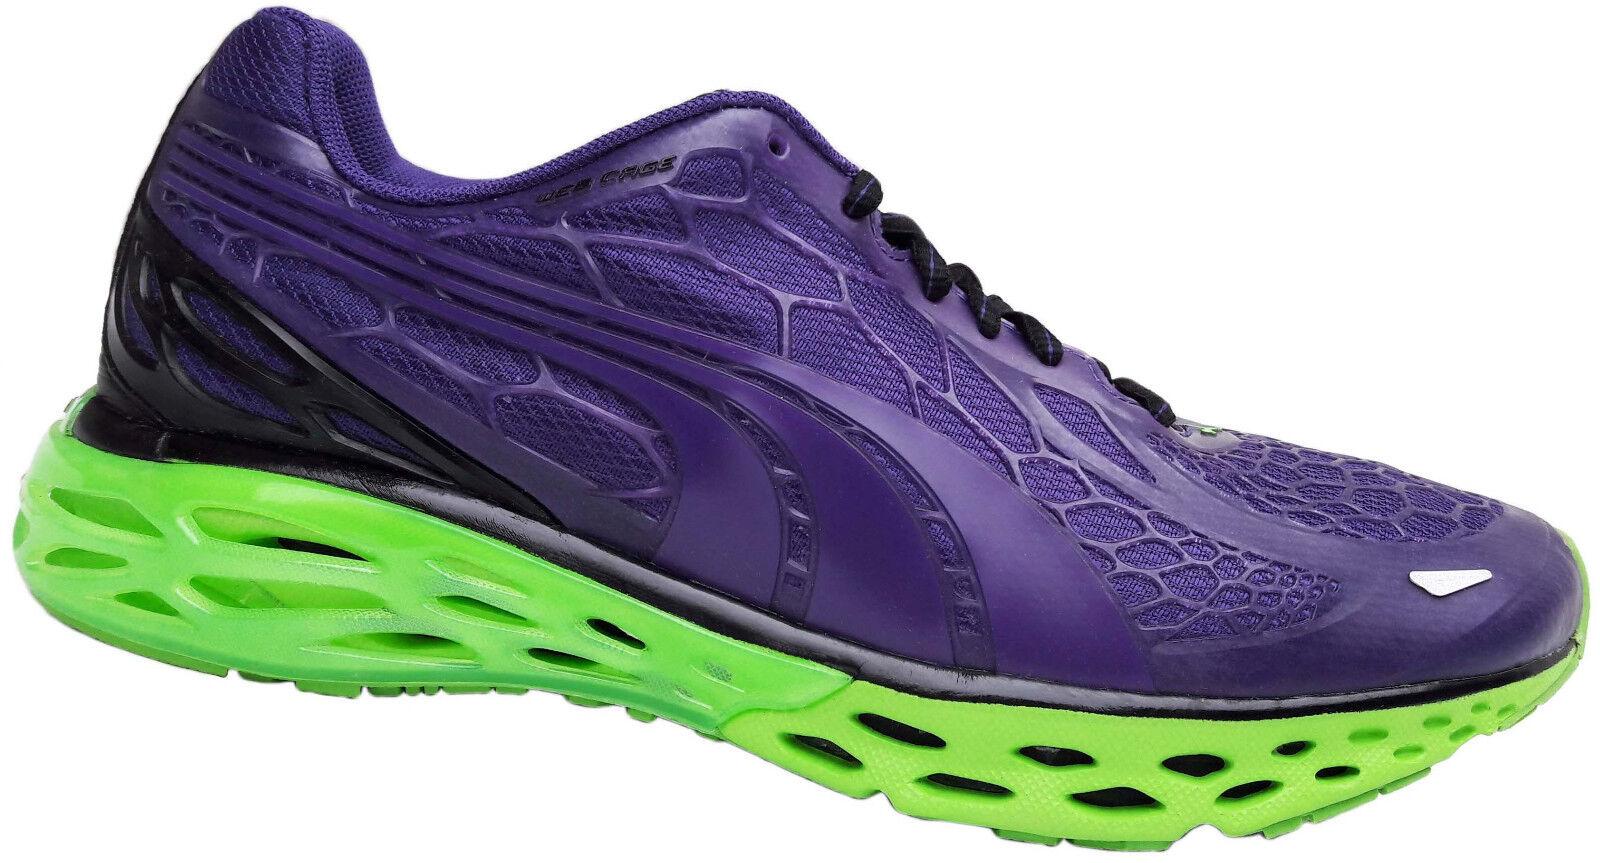 Puma Bioweb 41 Elite NM Laufschuhe Gr. 41 Bioweb Sport Freizeit Schuhe Sneaker NEU 8ad296